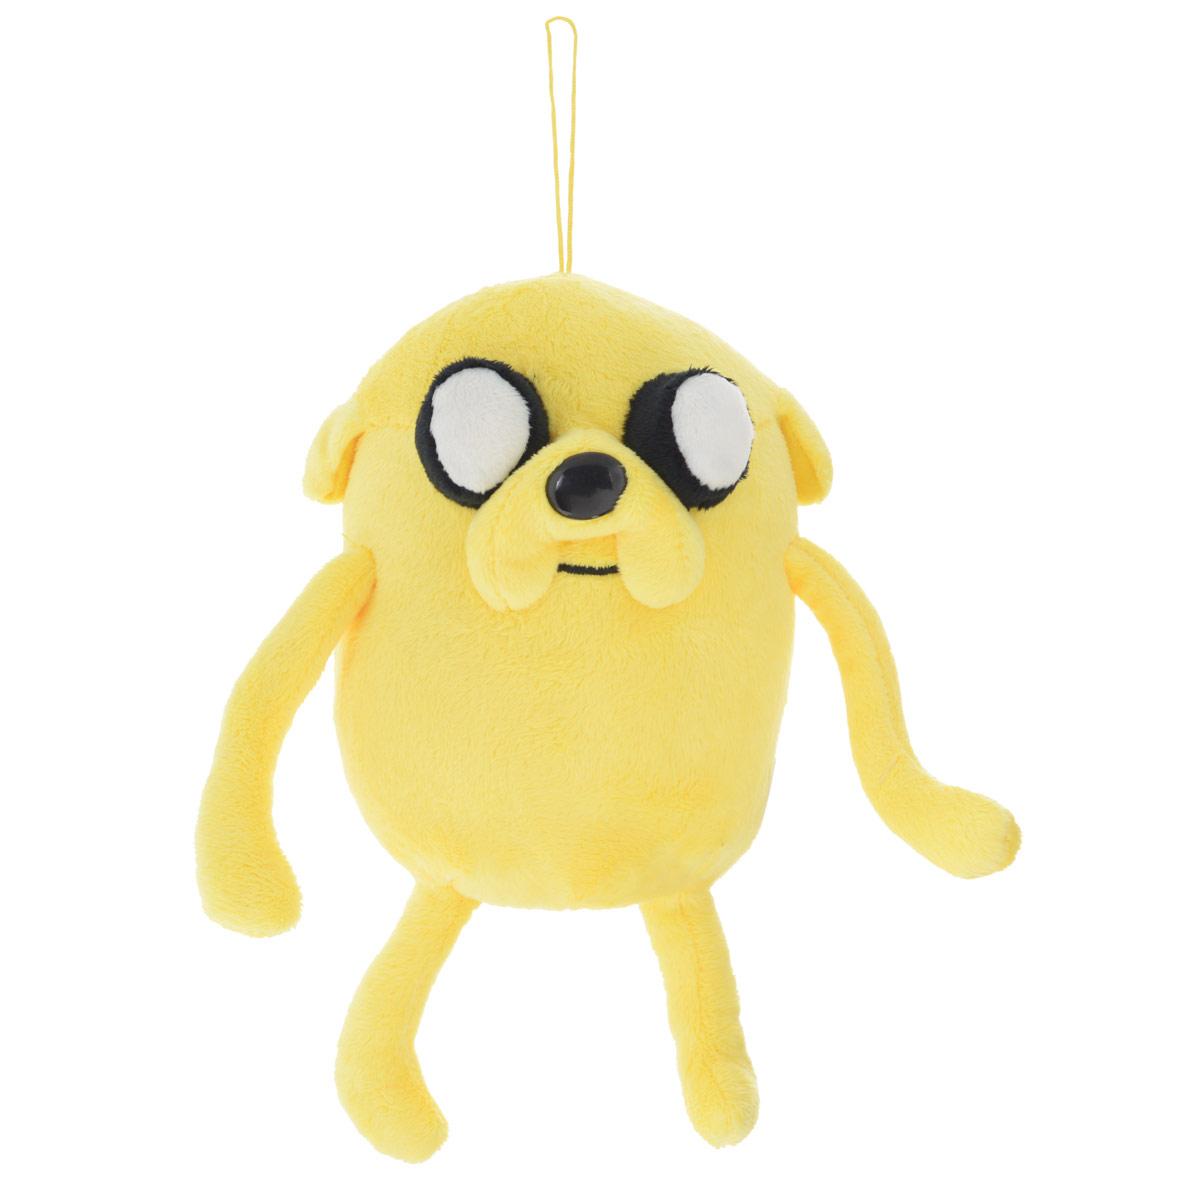 Мягкая игрушка Adventure Time Пес Джейк, 22 смDATU0Очаровательная мягкая игрушка Adventure Time Джейк вызовет умиление и улыбку у каждого, кто ее увидит. Игрушка выполнена в виде Джейка - одного из главных персонажей в мультсериале Время приключений. У игрушки есть текстильный шнурок высотой 9 см. Джейк - это волшебная собака, постоянный компаньон, лучший друг и сводный брат Финна. Джейк еще с пеленок может волшебным образом растягиваться и принимать различные формы. Эта способность множество раз помогала в их с Финном приключениях. У Джейка необычайно мощное воображение: все, что он воображает, становится реальностью. Характер у Джейка спокойный, он предпочитает ни о чем не переживать и плыть по течению. Удивительно мягкая игрушка принесет радость и подарит своему обладателю мгновения нежных объятий и приятных воспоминаний. Великолепное качество исполнения делают эту игрушку чудесным подарком к любому празднику.